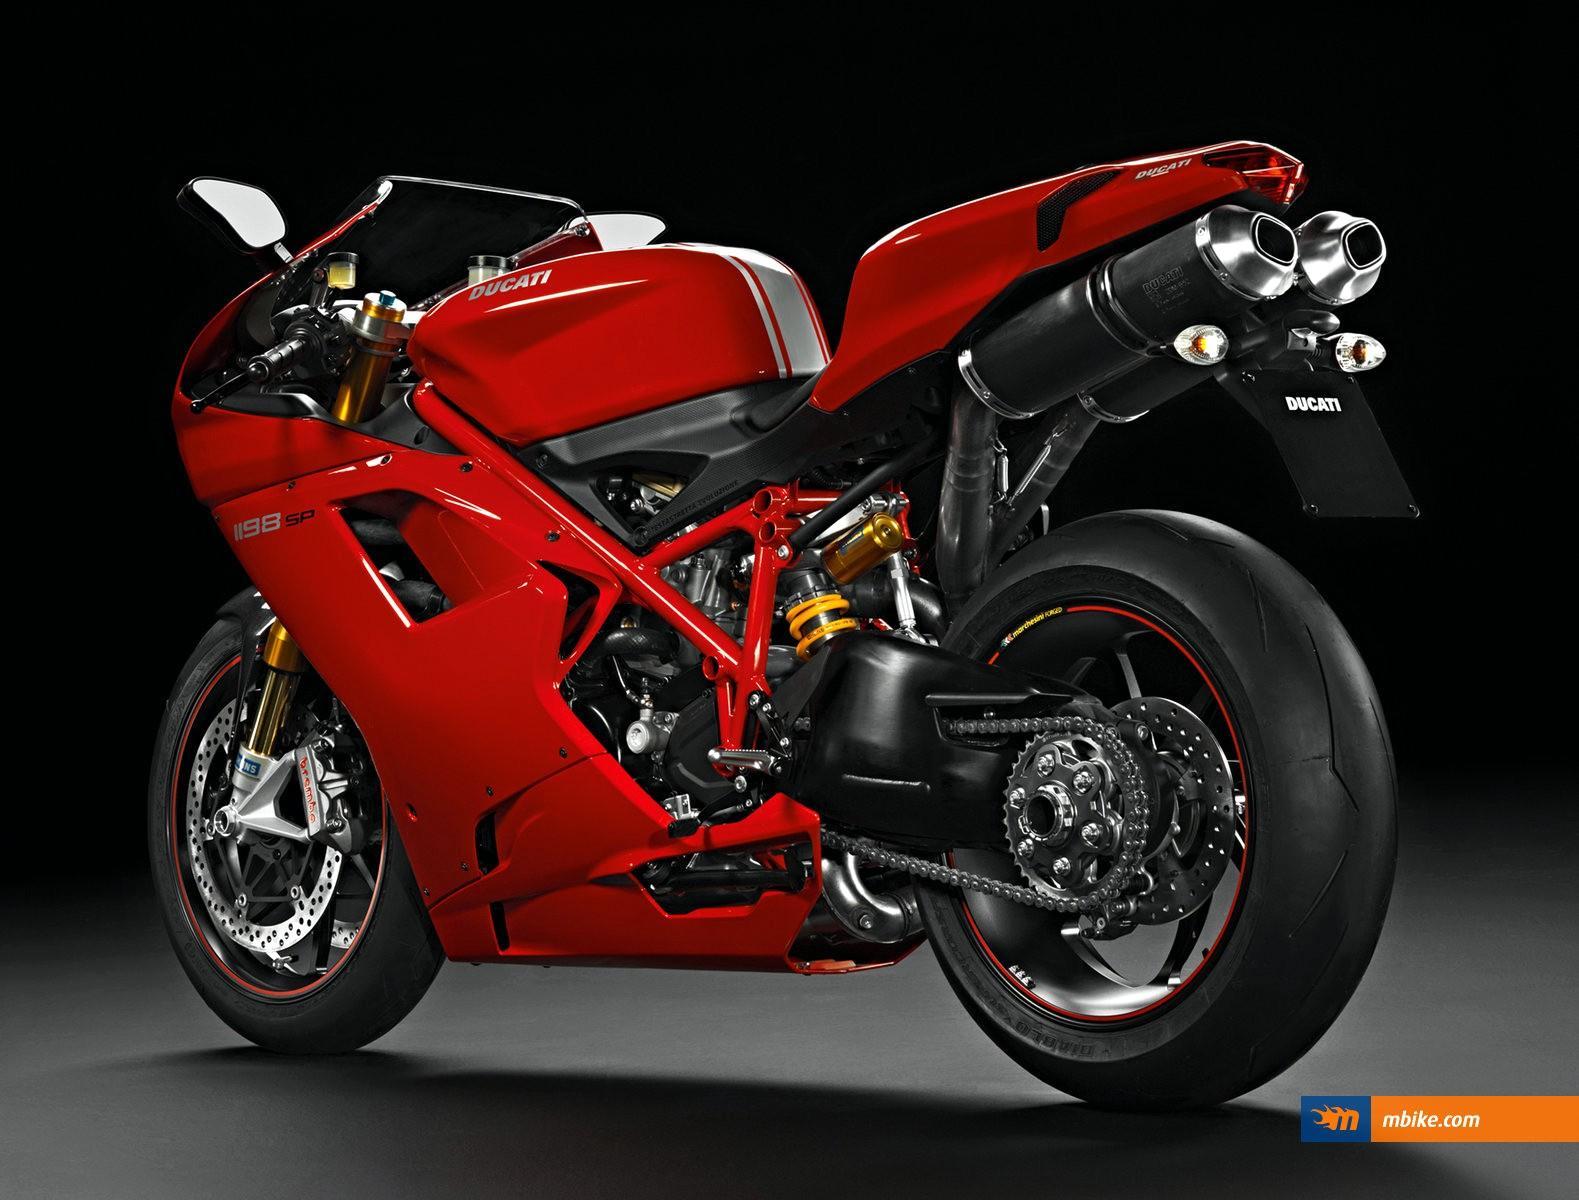 Ducati Superbike Wallpaper HD Download